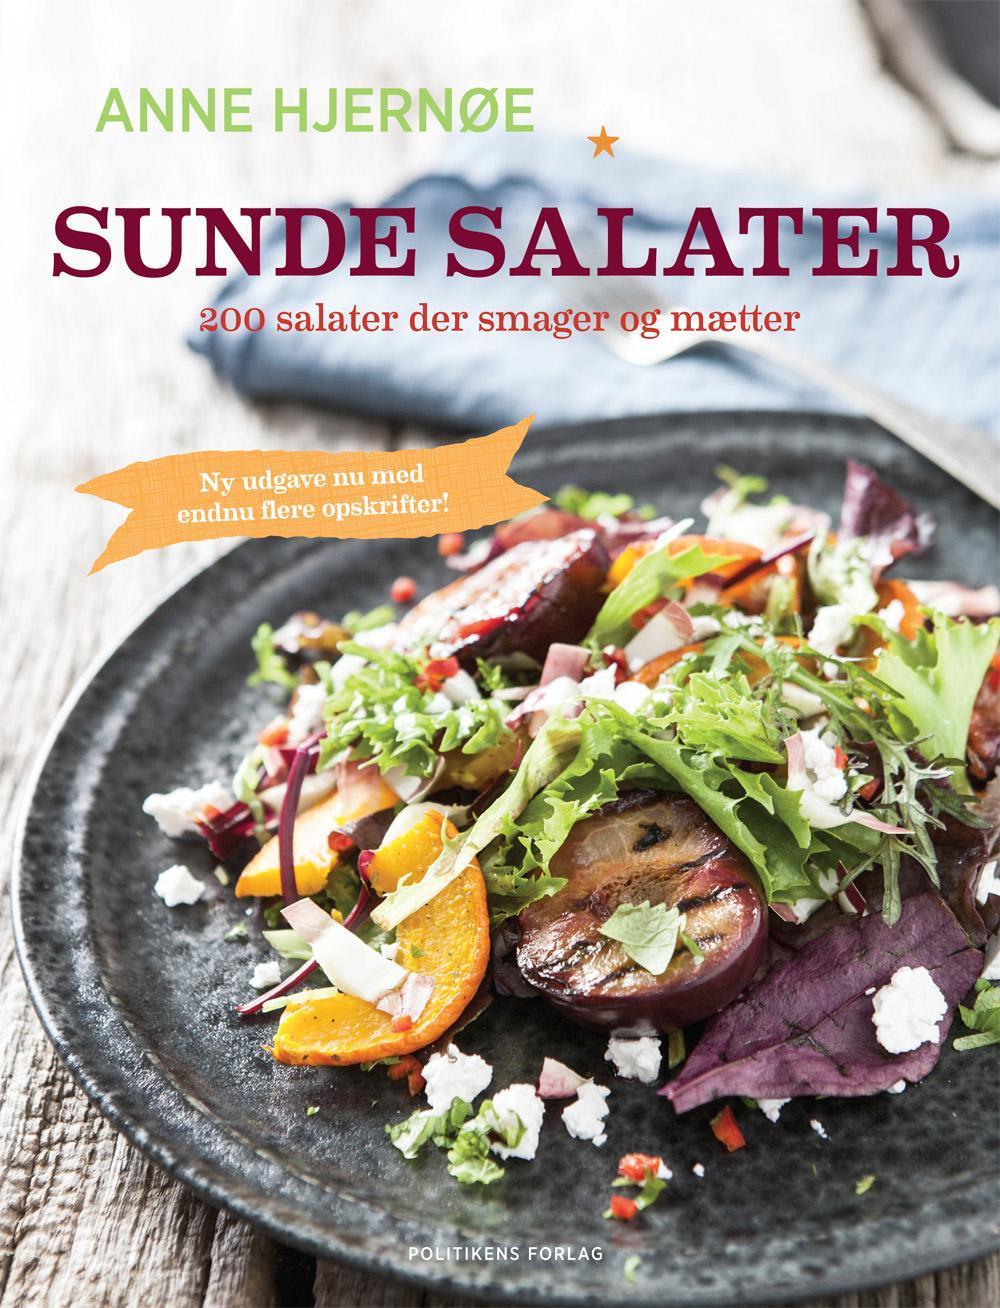 Sunde salater - Anne Hjernøe - Bøger - Politikens Forlag - 9788740026450 - 4/12-2015